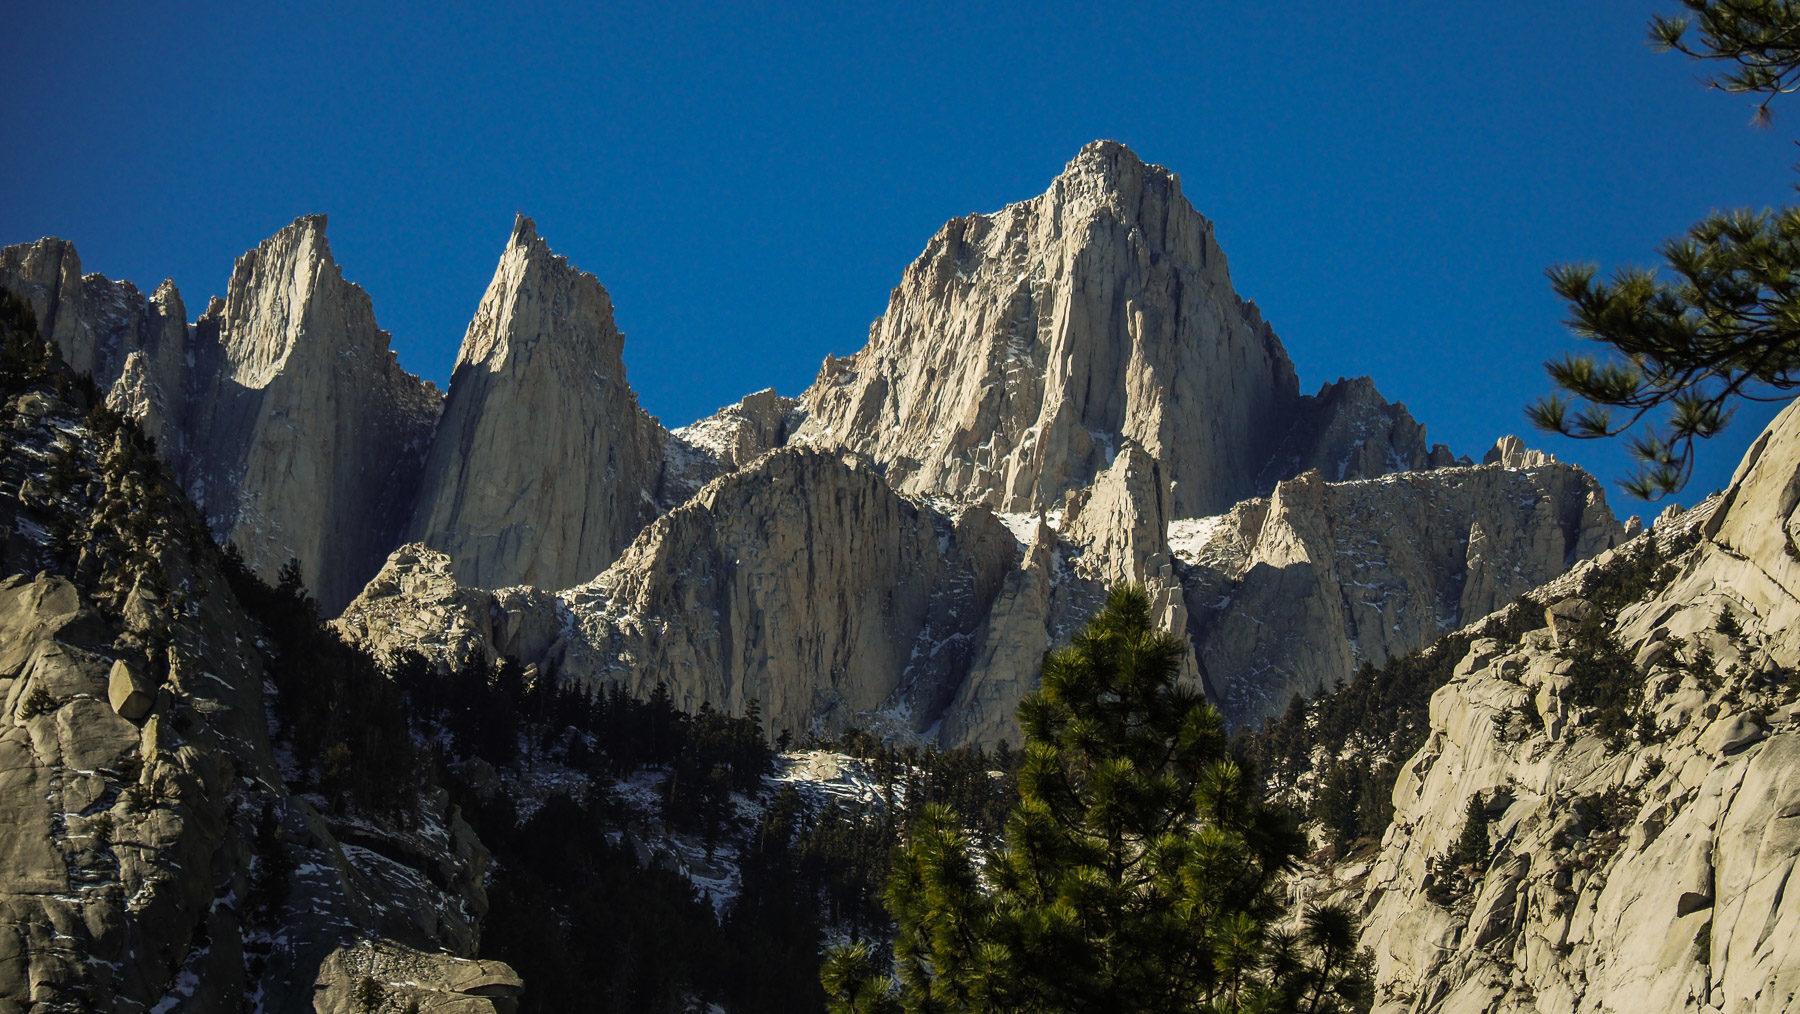 Fahrt Richtung Mount Whitney, dem höchsten Berg der USA außerhalb von Alaska